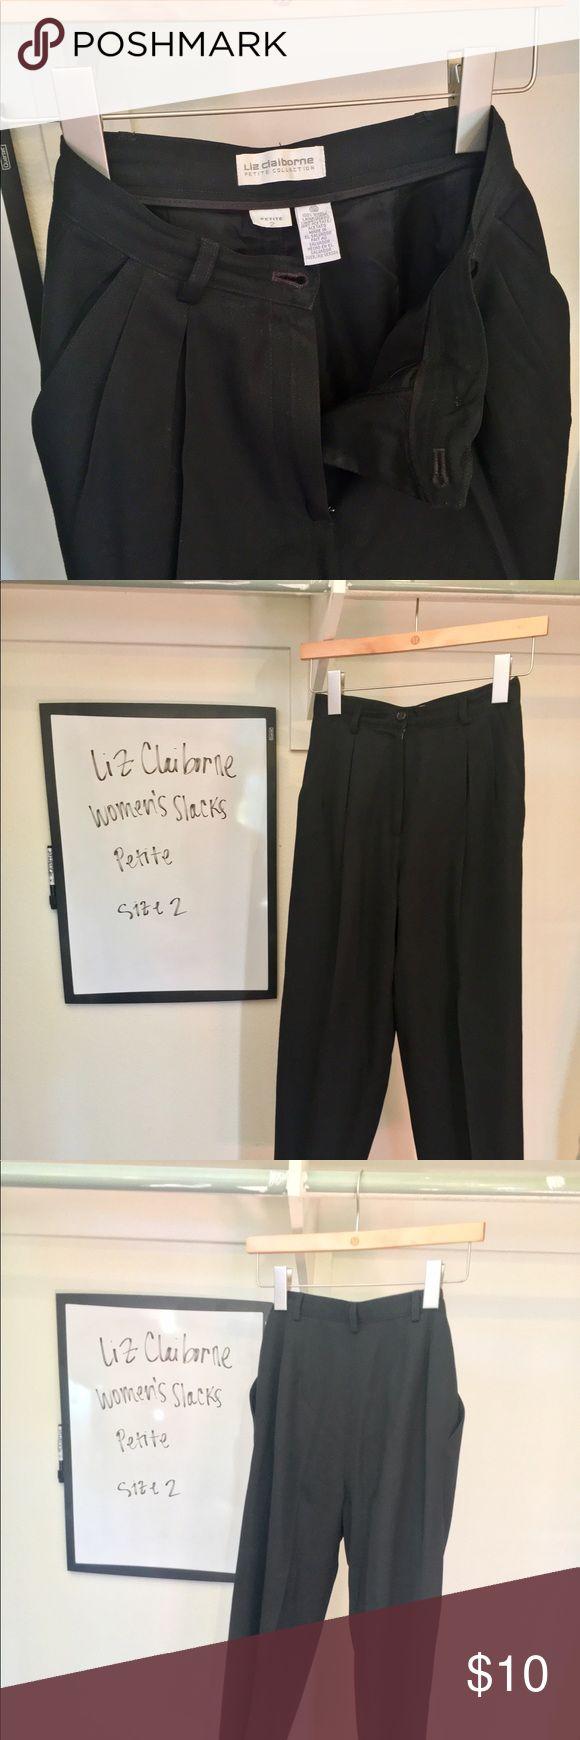 Liz Claiborne Women's Slacks - Petite Liz Claiborne Women's Slacks - Black, wool. In excellent condition. Liz Claiborne Pants Trousers